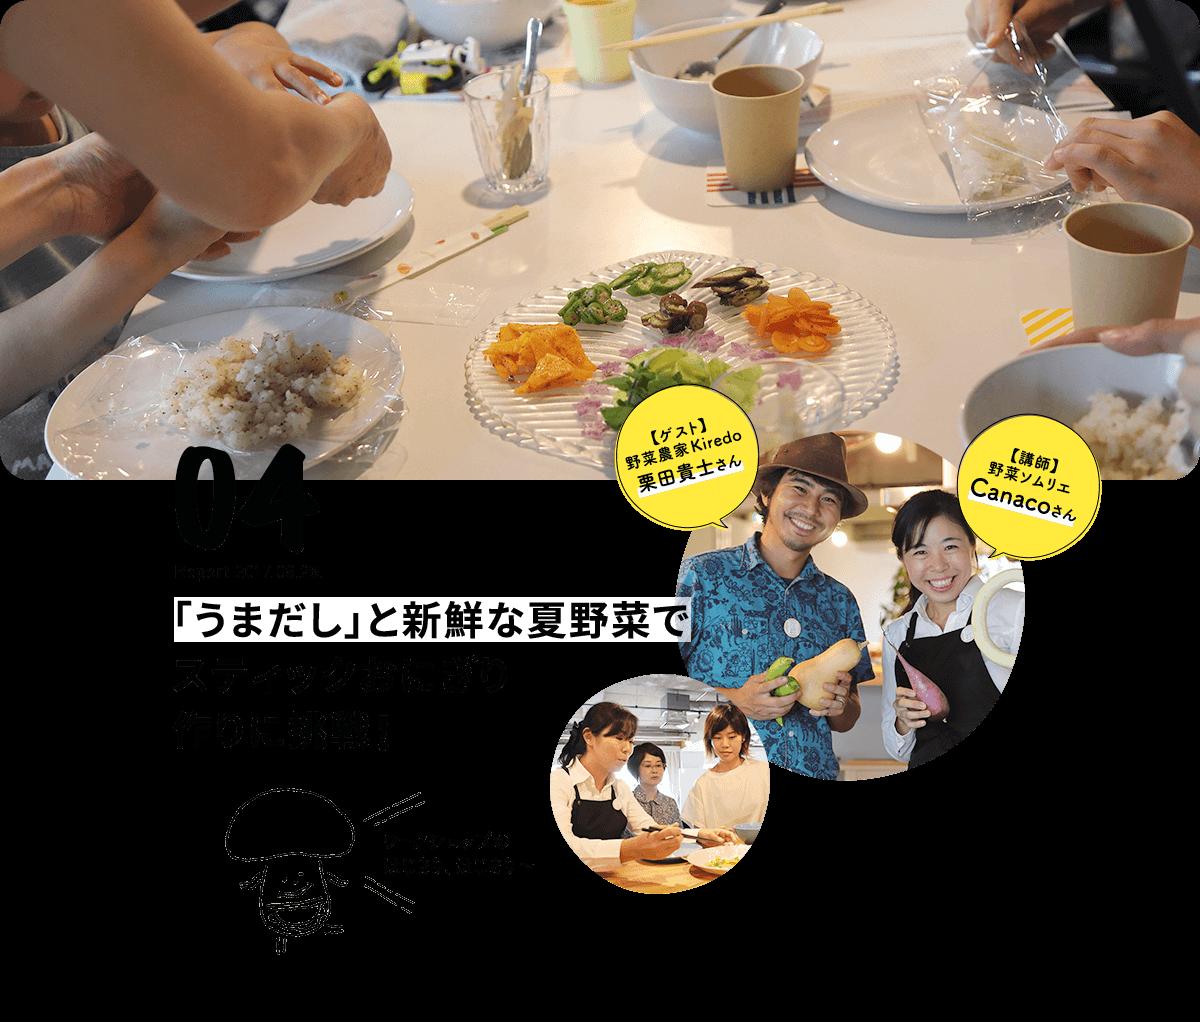 04.「うまだし」と新鮮な夏野菜でスティックおにぎり作りに挑戦!